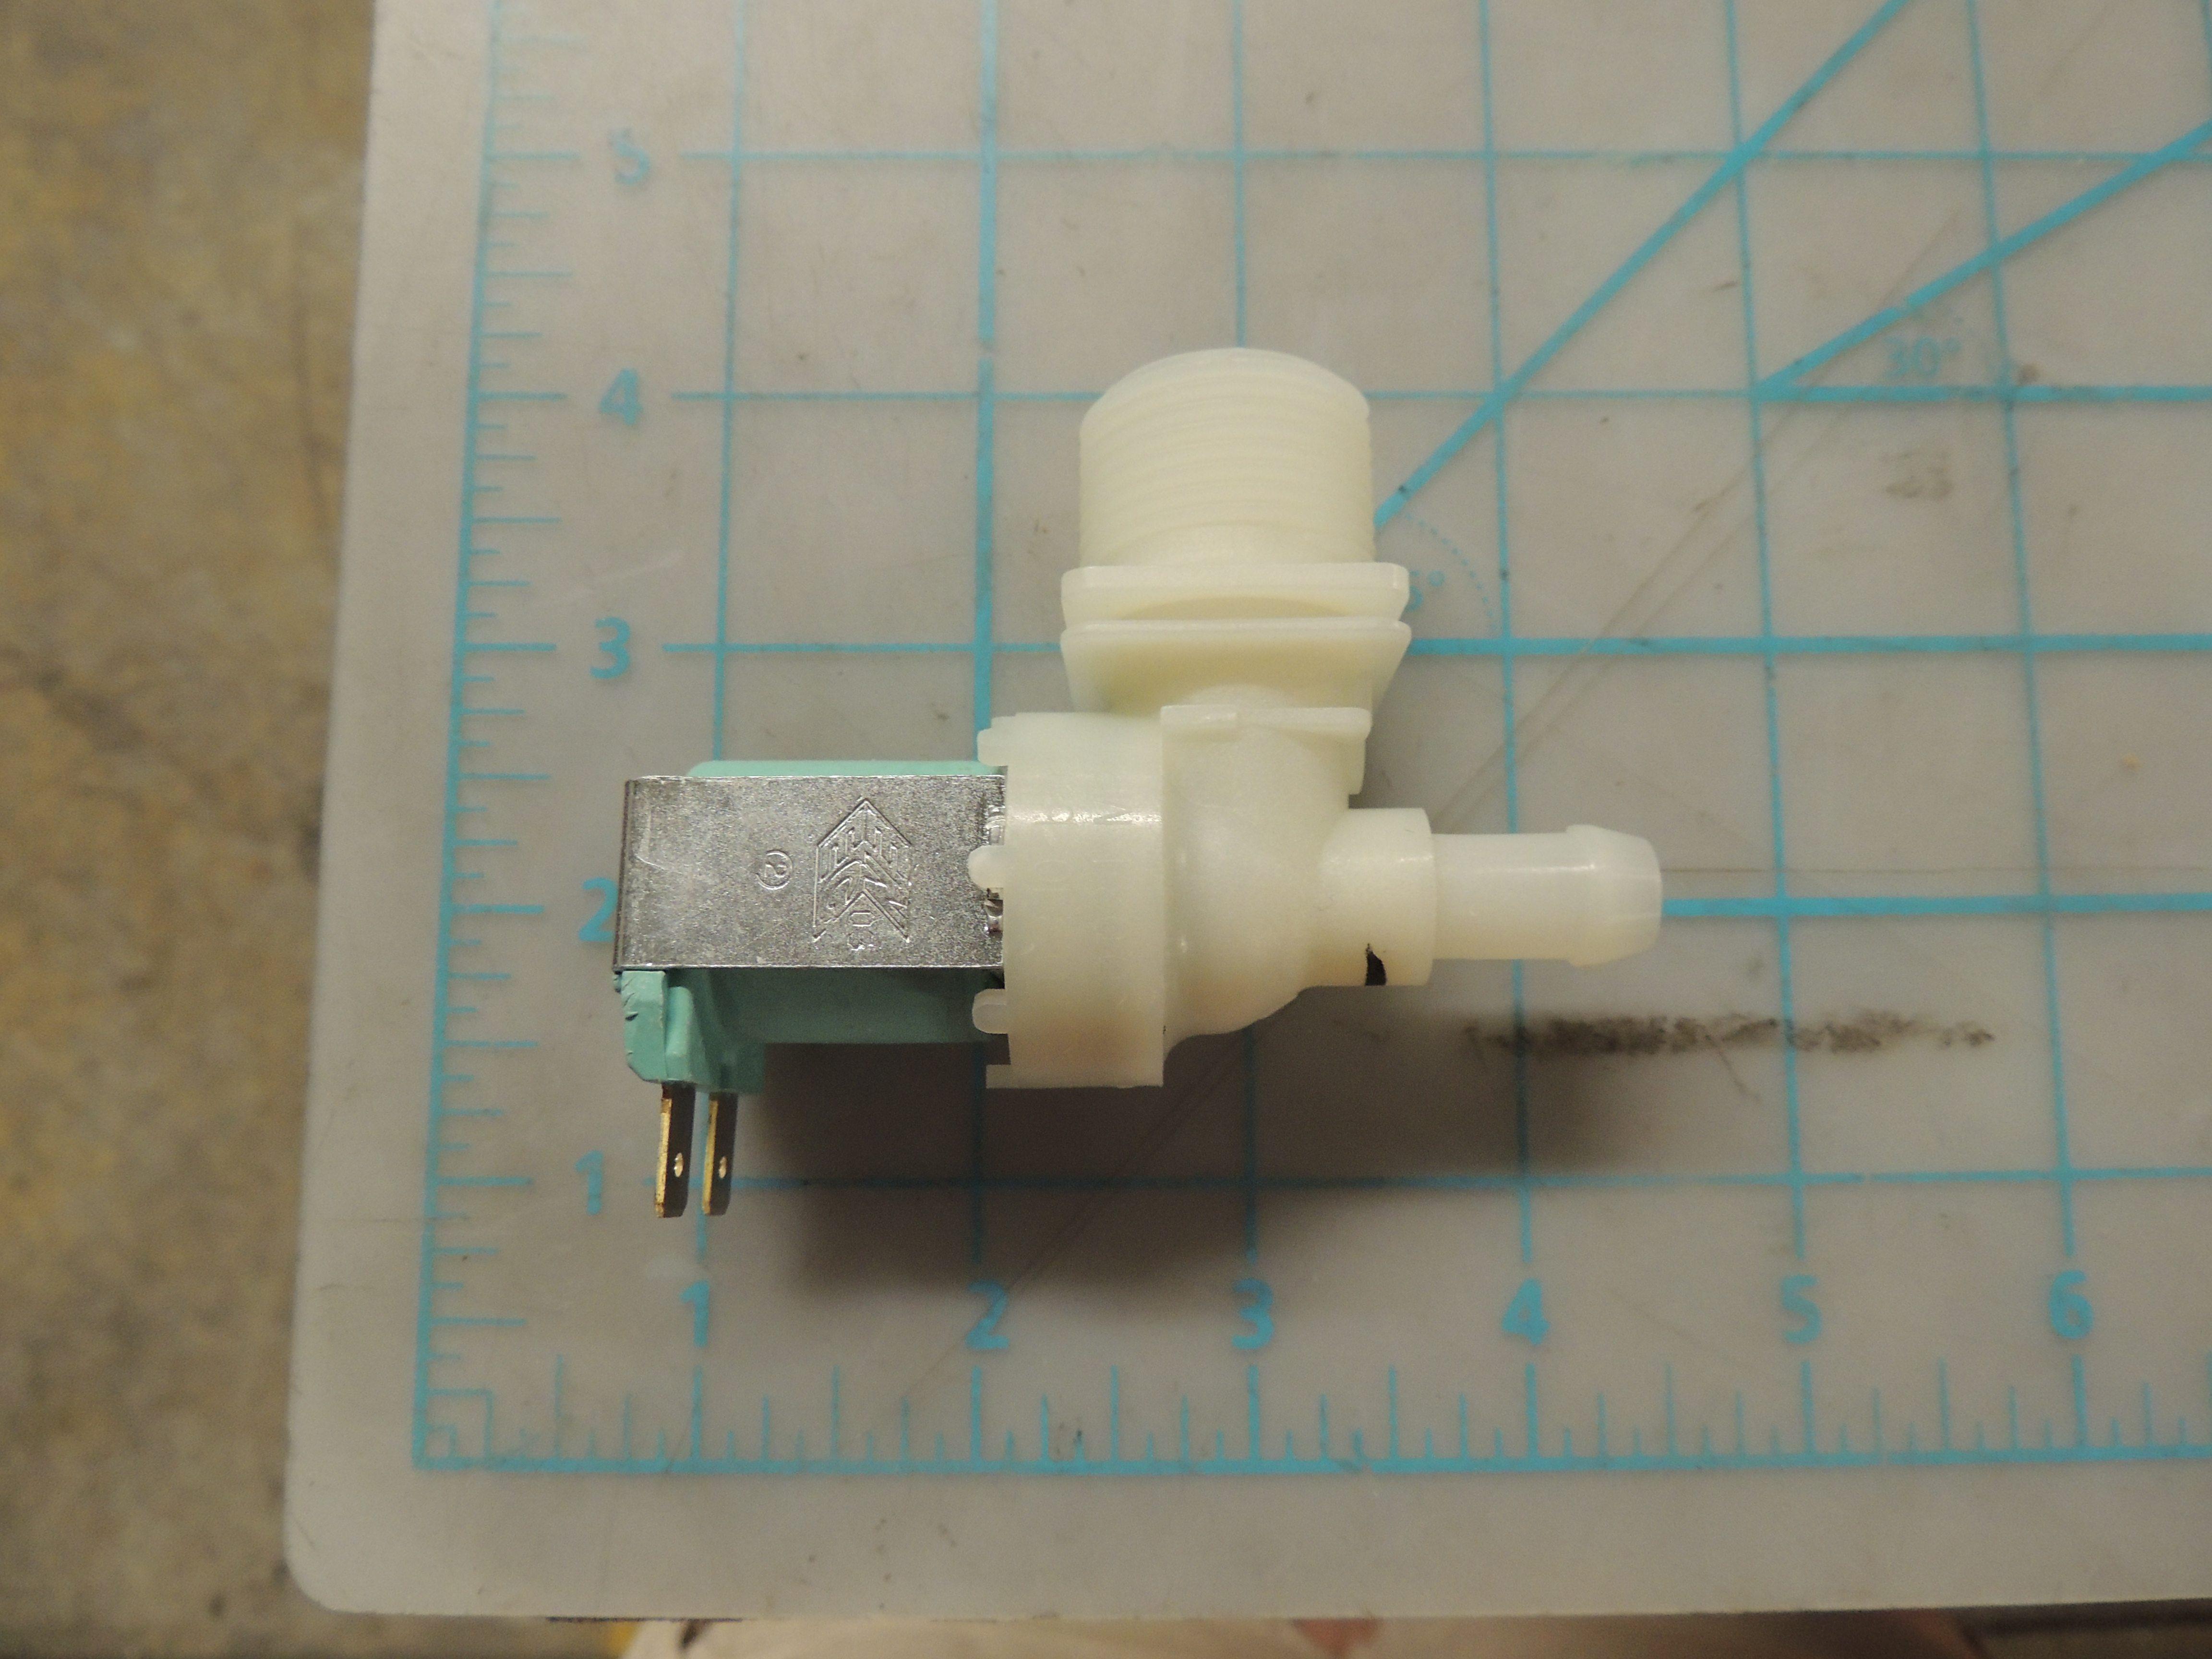 inlet valve